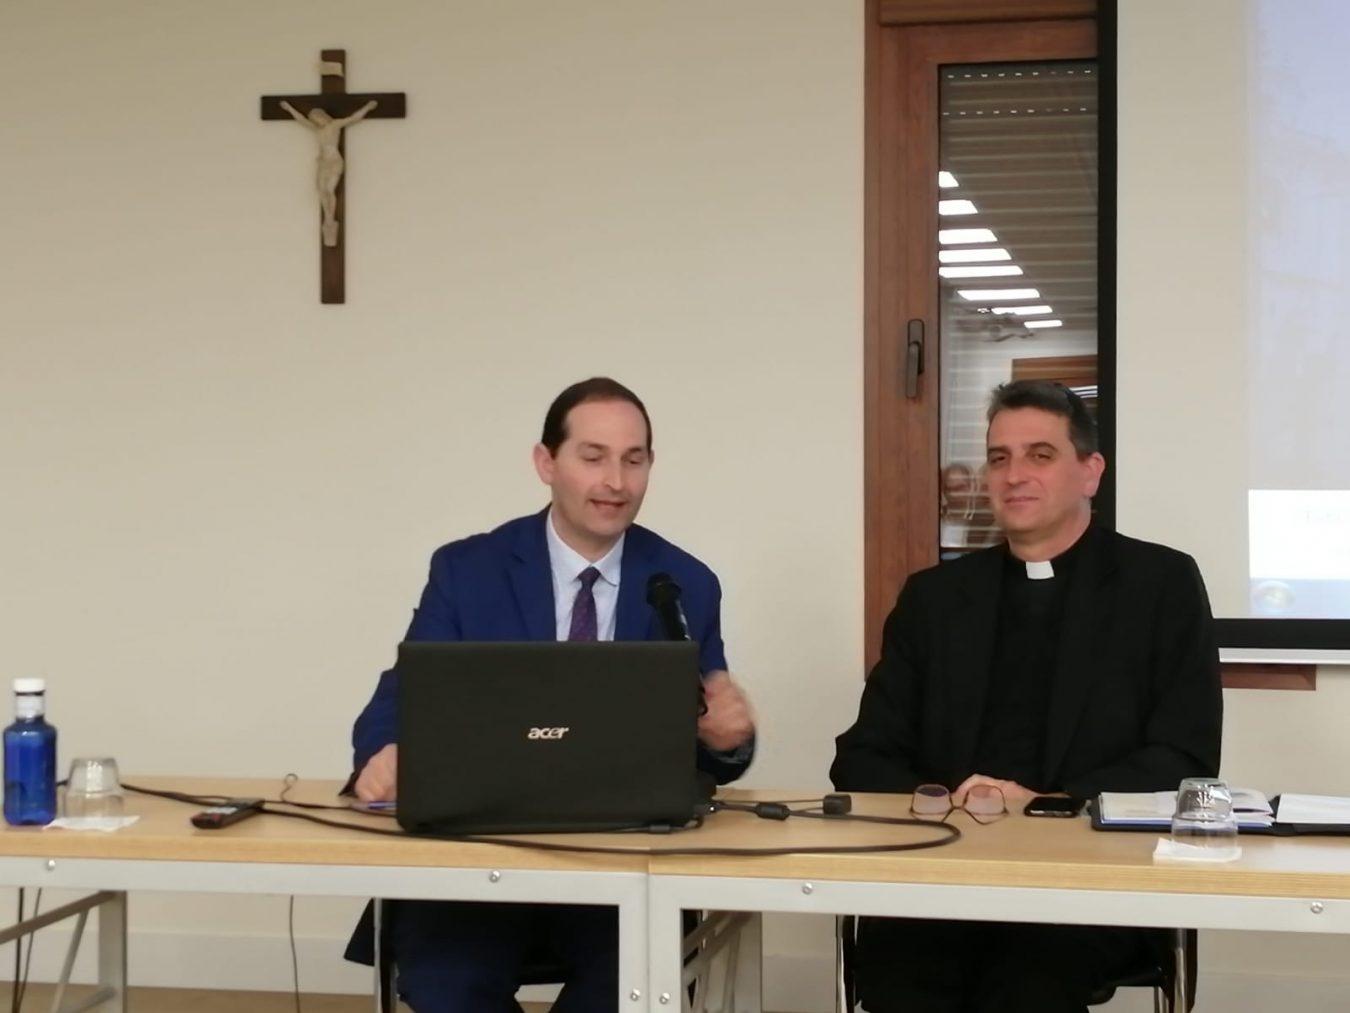 El Real Sitio de Covadonga presente en unas jornadas sobre Patrimonio Cultural de la Iglesia en Madrid